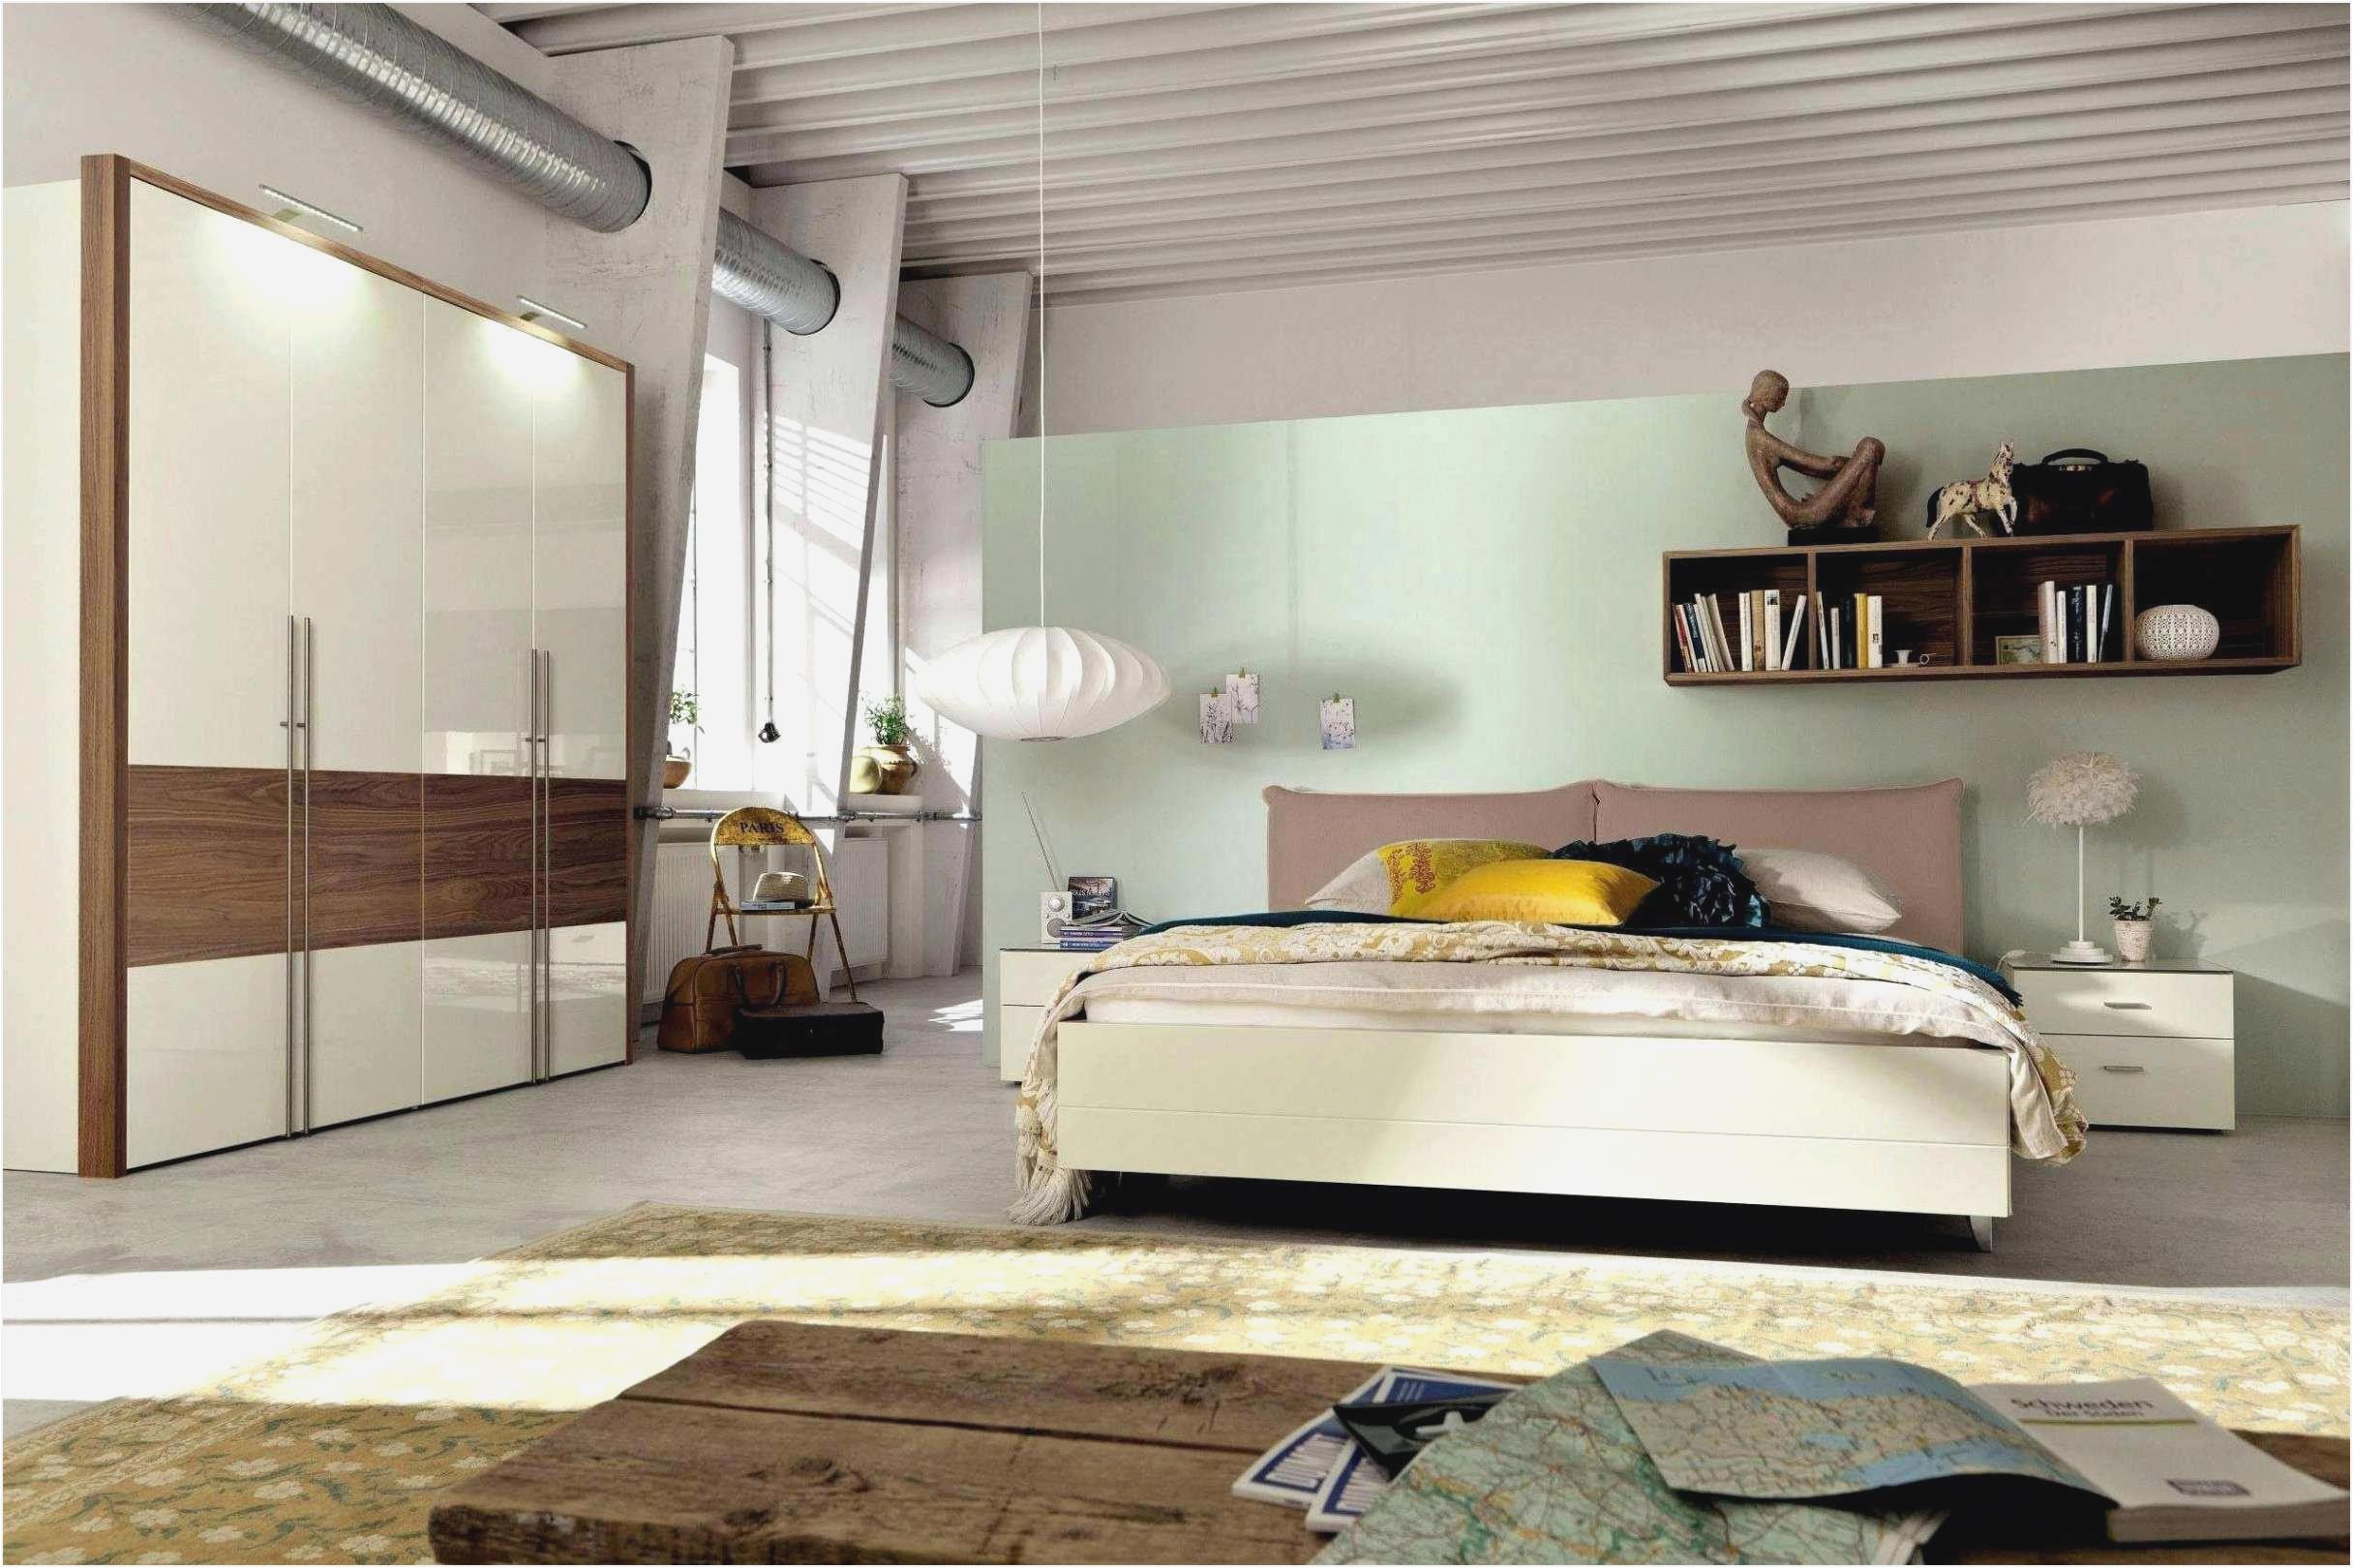 schlafzimmer ideen bei hohen decken mit holz of schlafzimmer ideen bei hohen decken mit holz